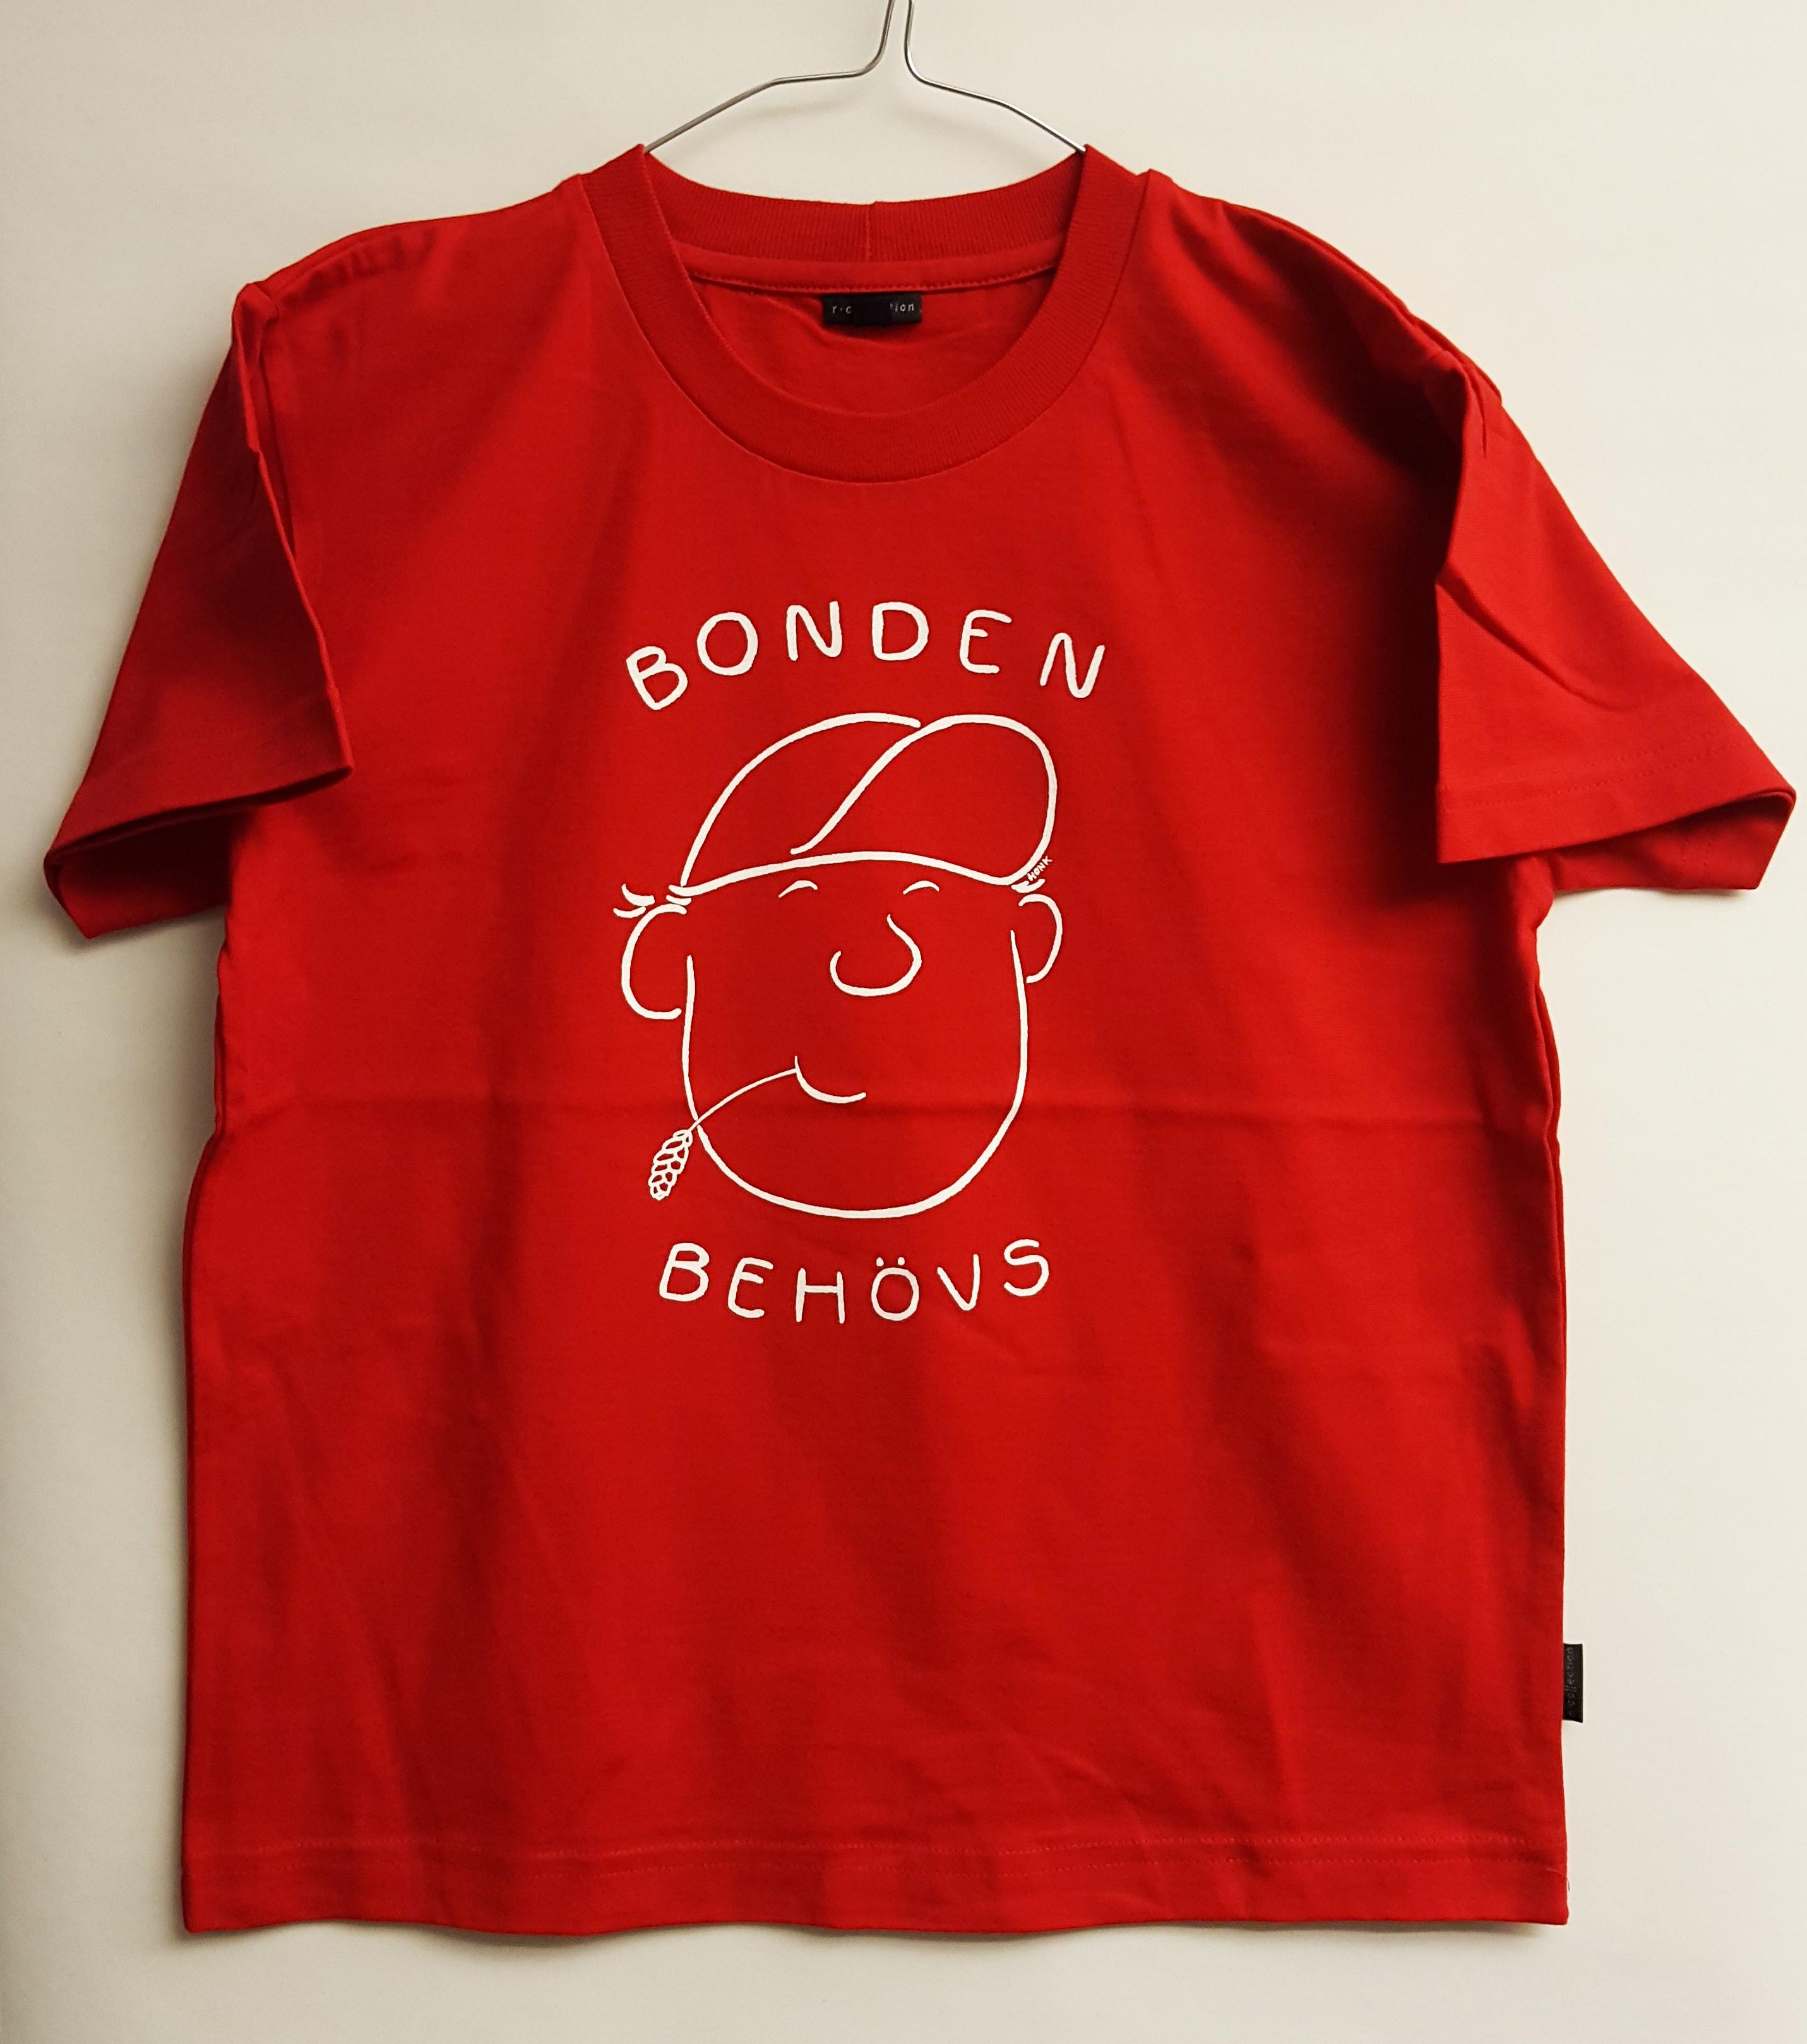 SLC - Utgående modell: T-skjorta för barn och vuxna, Bonden behövs, röd